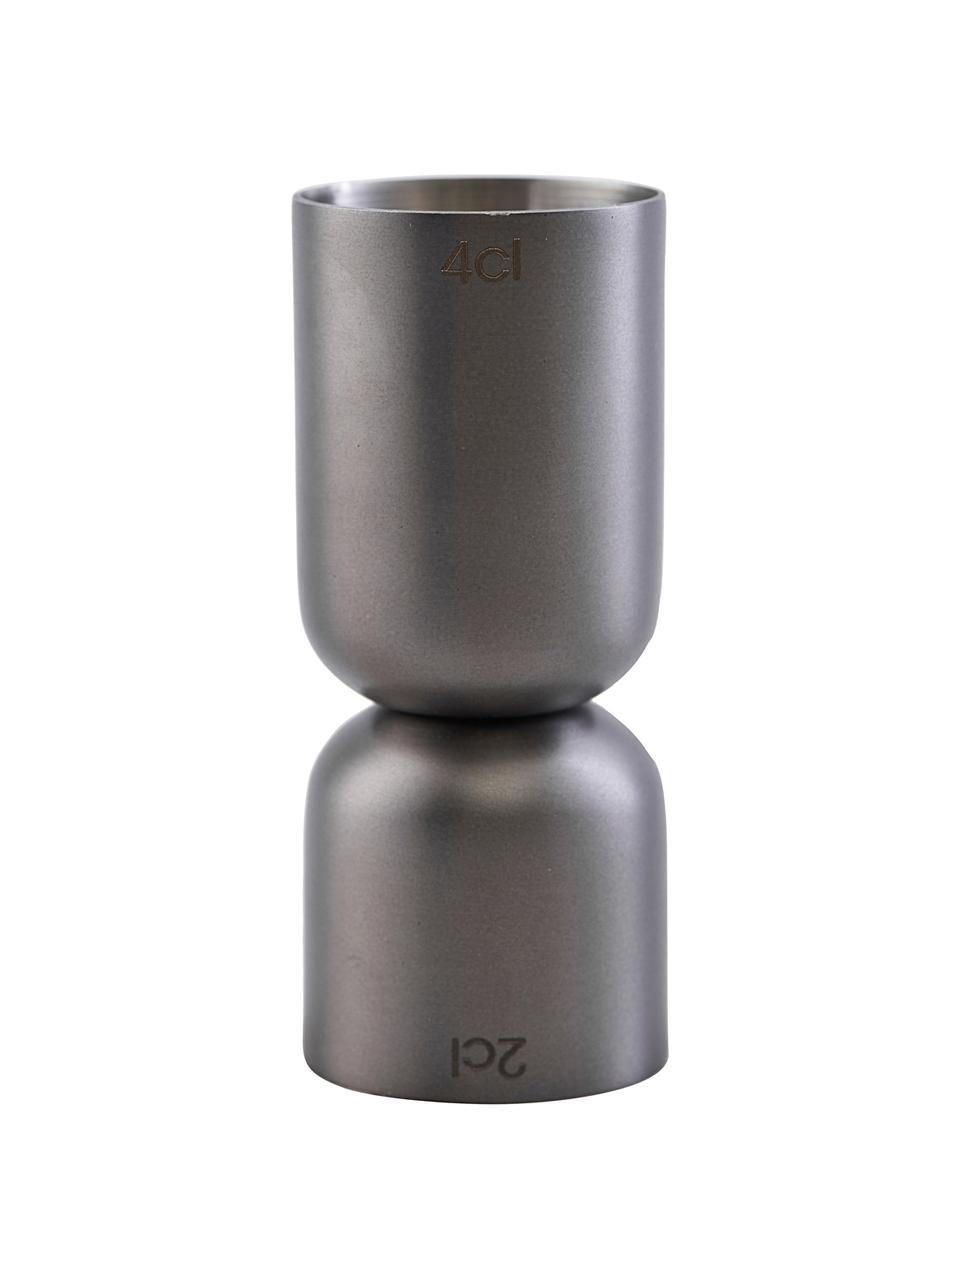 Misurino Gunmetal, Acciaio inossidabile rivestito, Antracite, Ø 4 x Alt. 9 cm